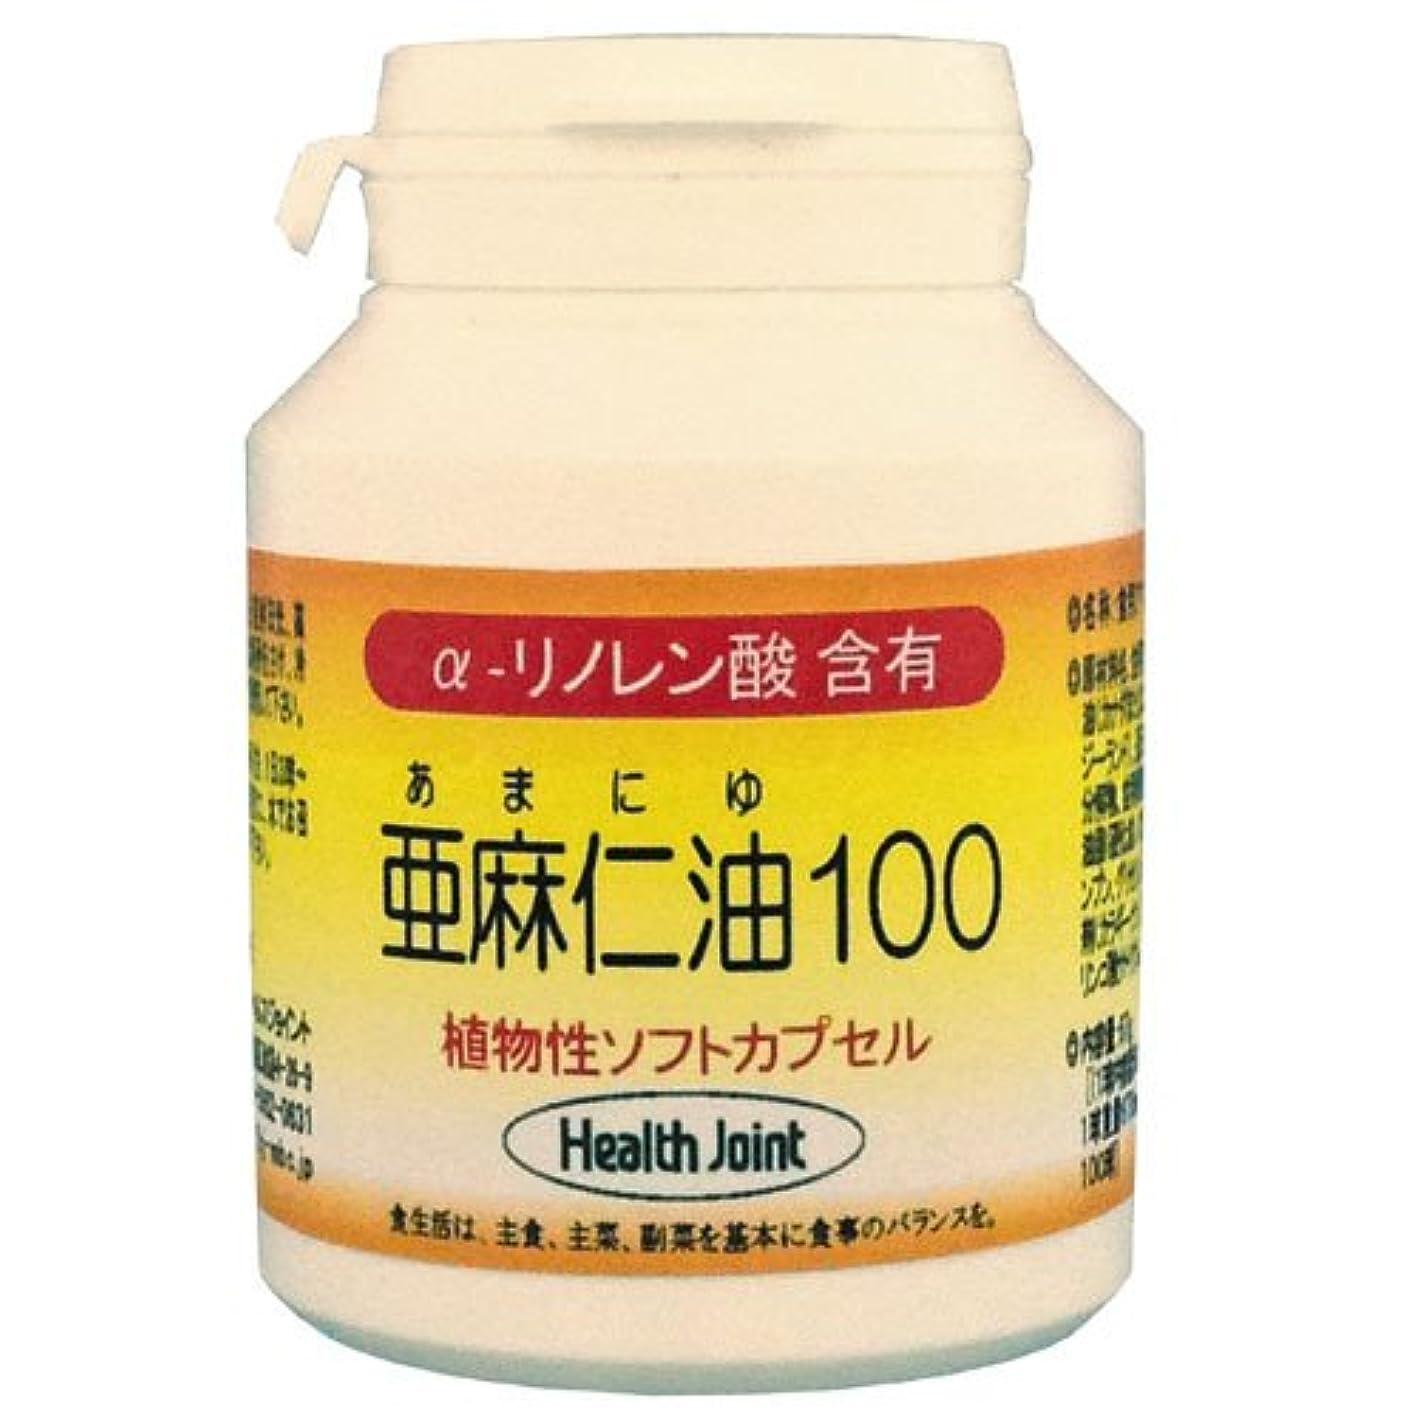 舞い上がるヘビー作り上げる亜麻仁油100 植物性ソフトカプセル 100球